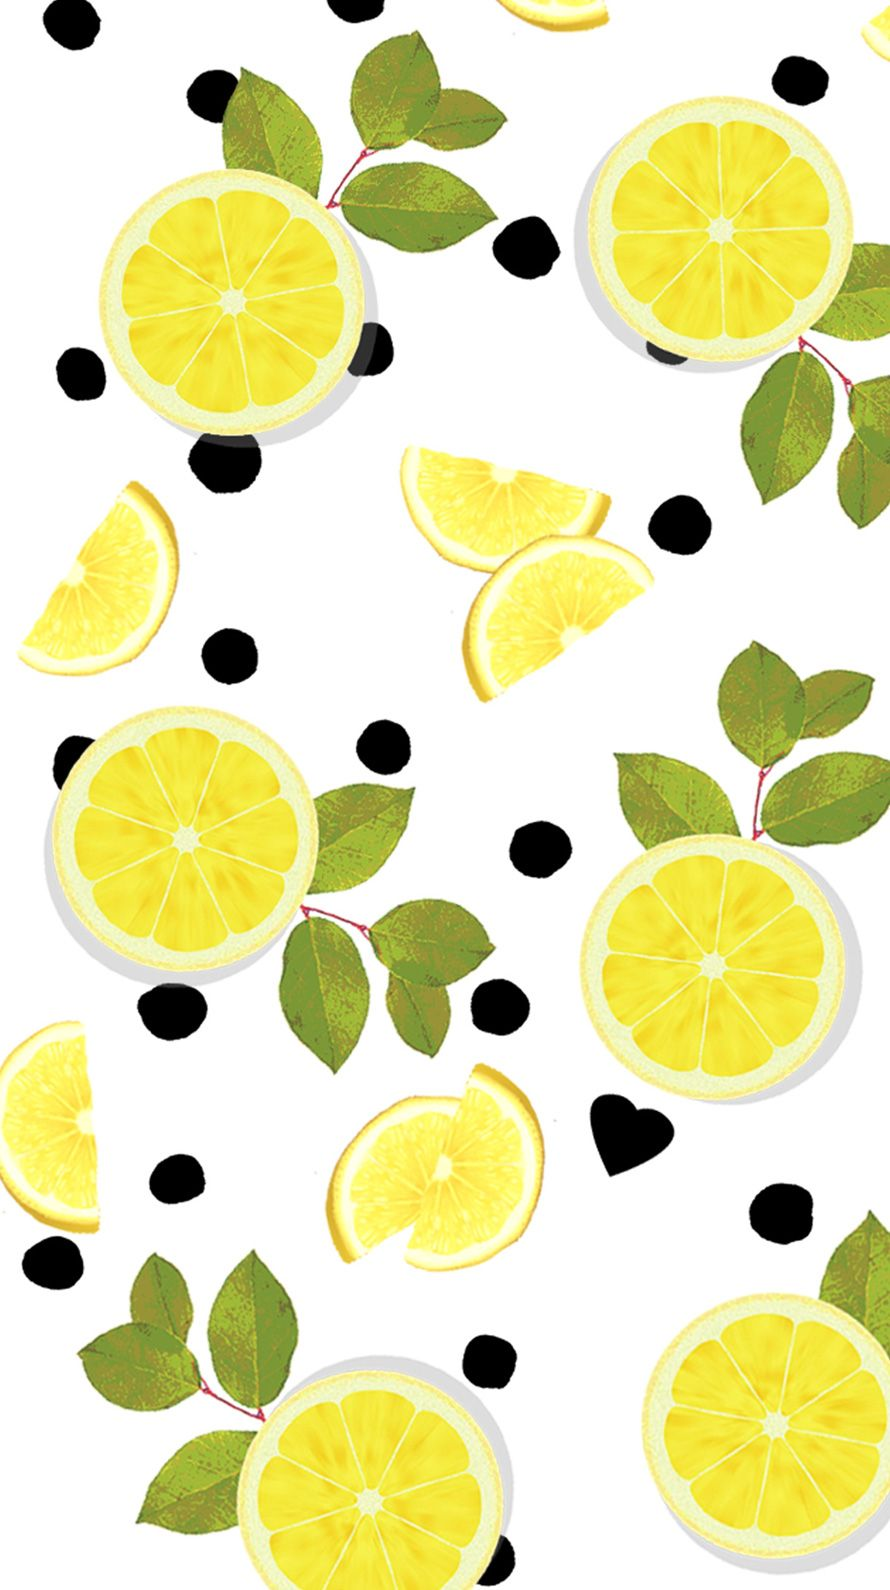 しまむらタオル おしゃれまとめの人気アイデア Pinterest Lily レモン イラスト レモンアート フルーツ イラスト